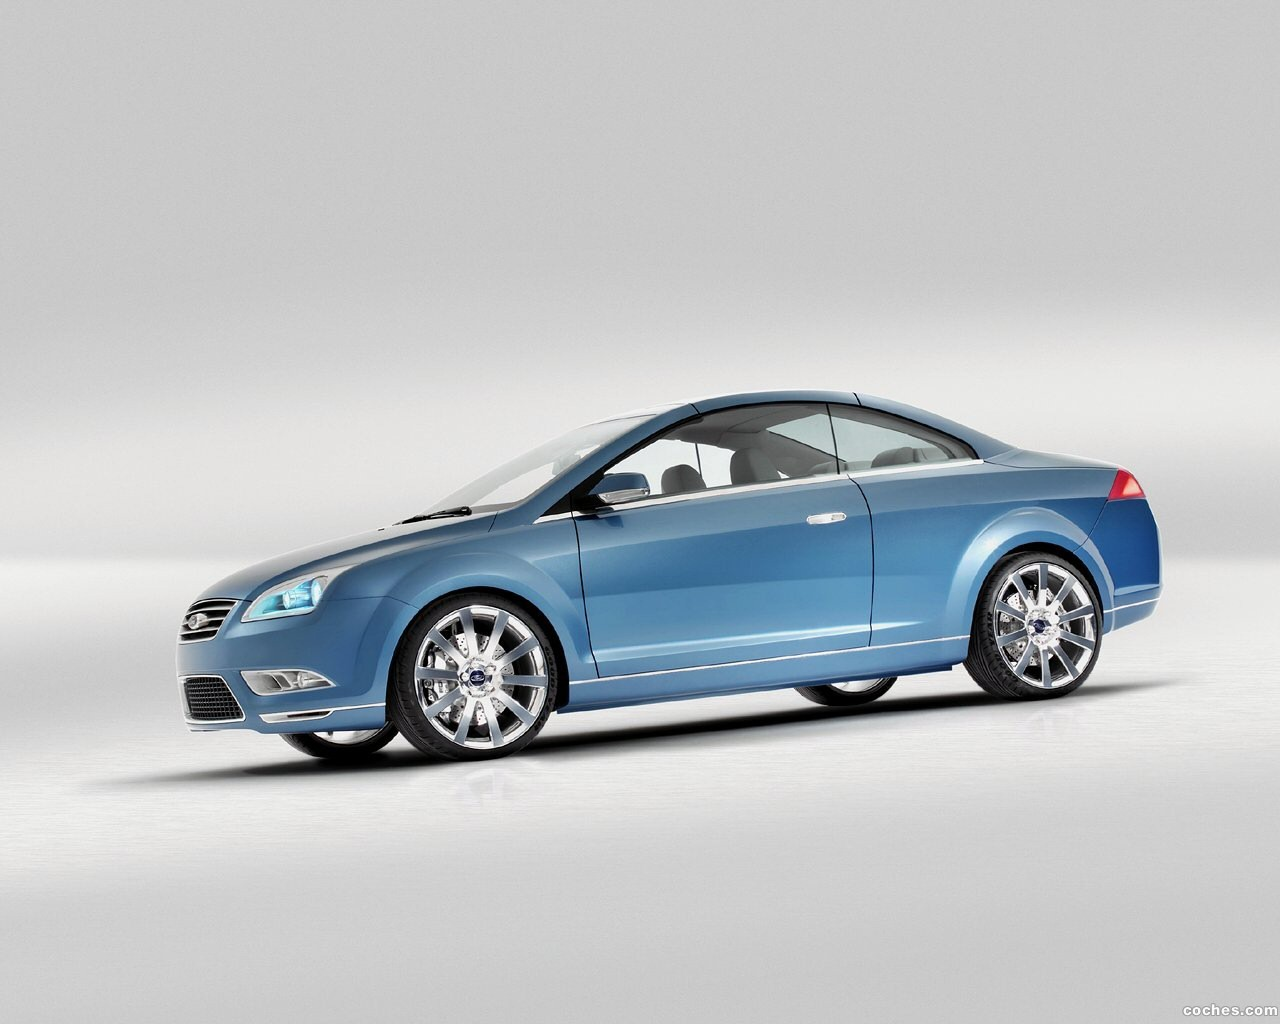 Foto 0 de Ford Focus Vignale Concept 2005